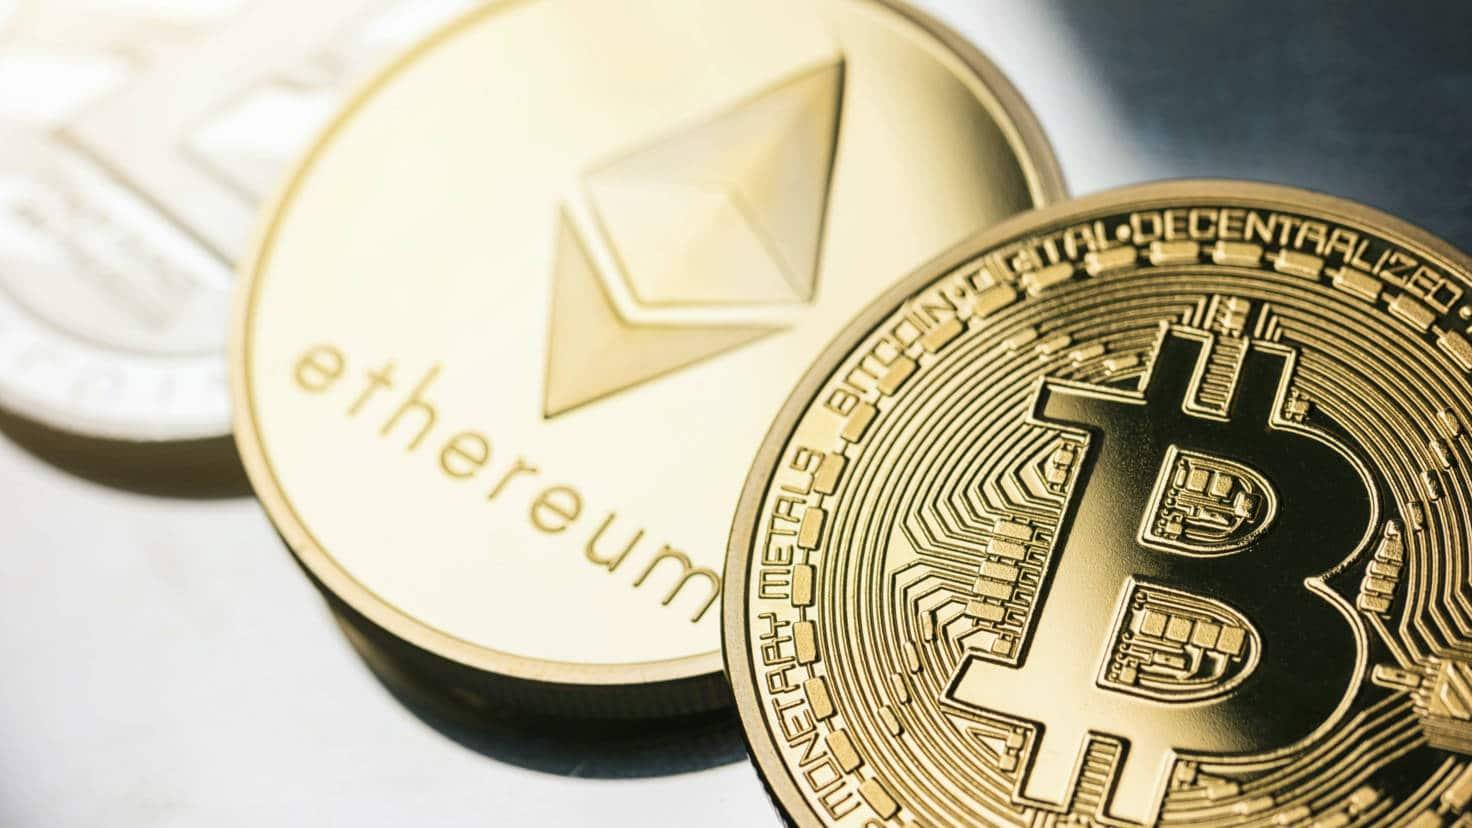 Snel nieuws: Bitcoin en Ethereum daalden in 12 minuten met meer dan 6% toen meer dan $ 1 miljard aan posities werden geliquideerd